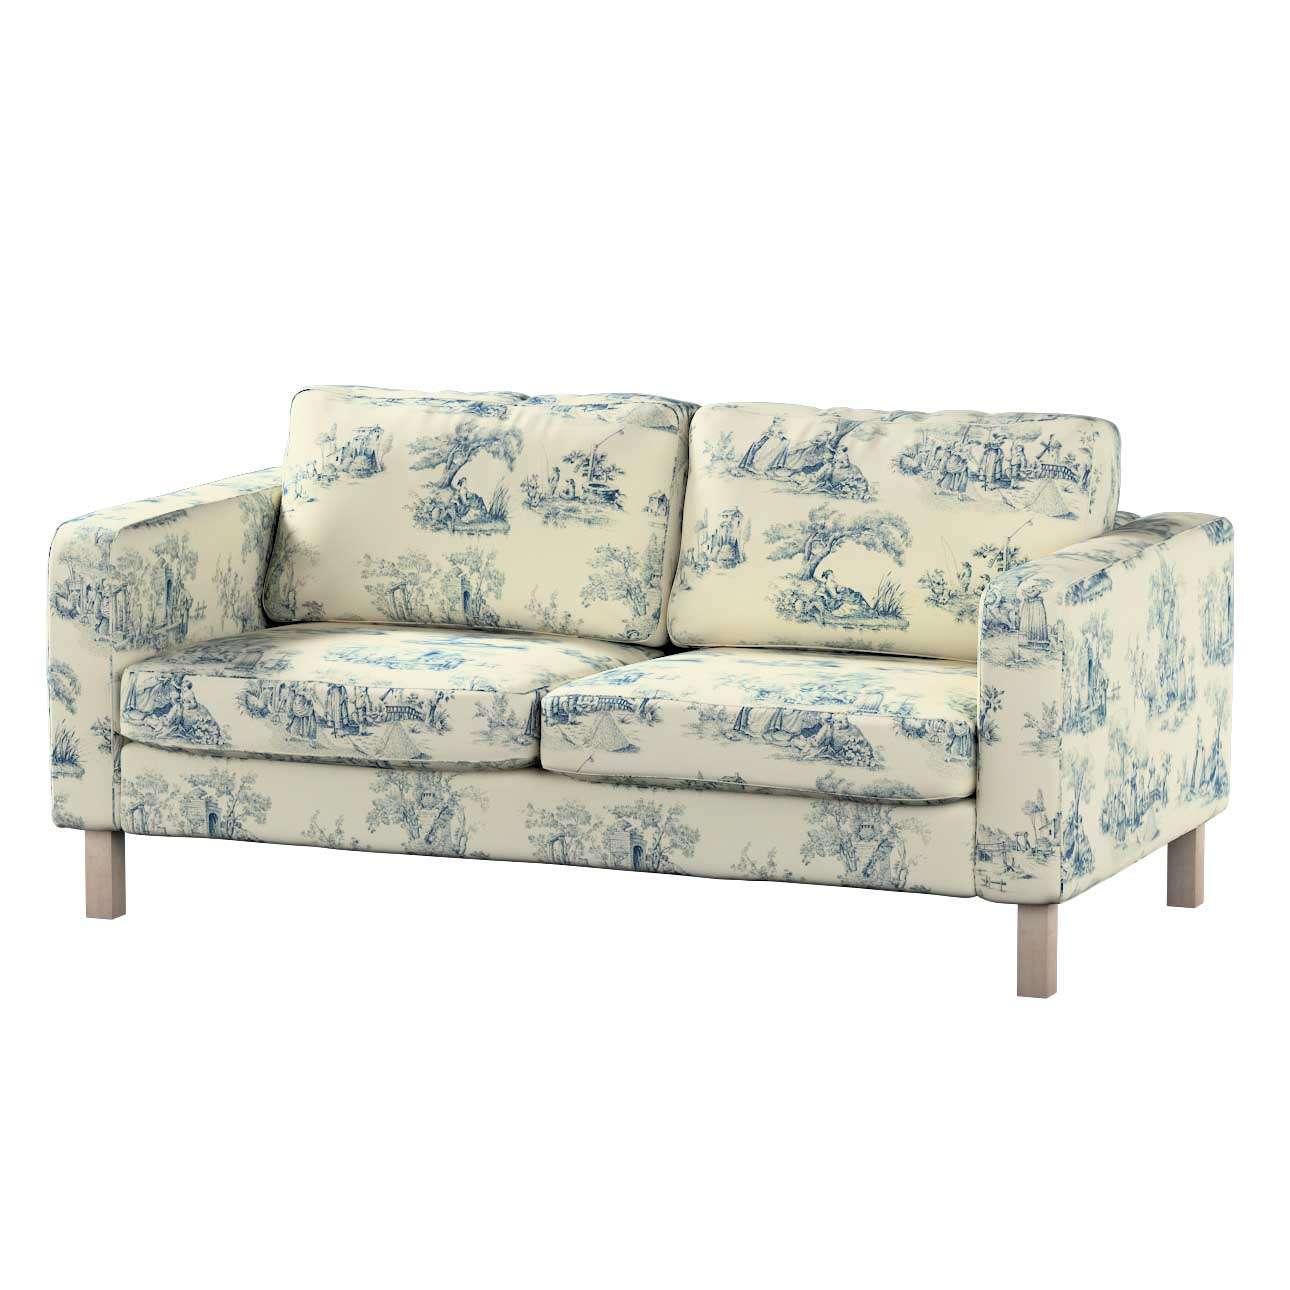 Karlstad 2-Sitzer Sofabezug nicht ausklappbar Sofahusse, Karlstad 2-Sitzer von der Kollektion Avinon, Stoff: 132-66